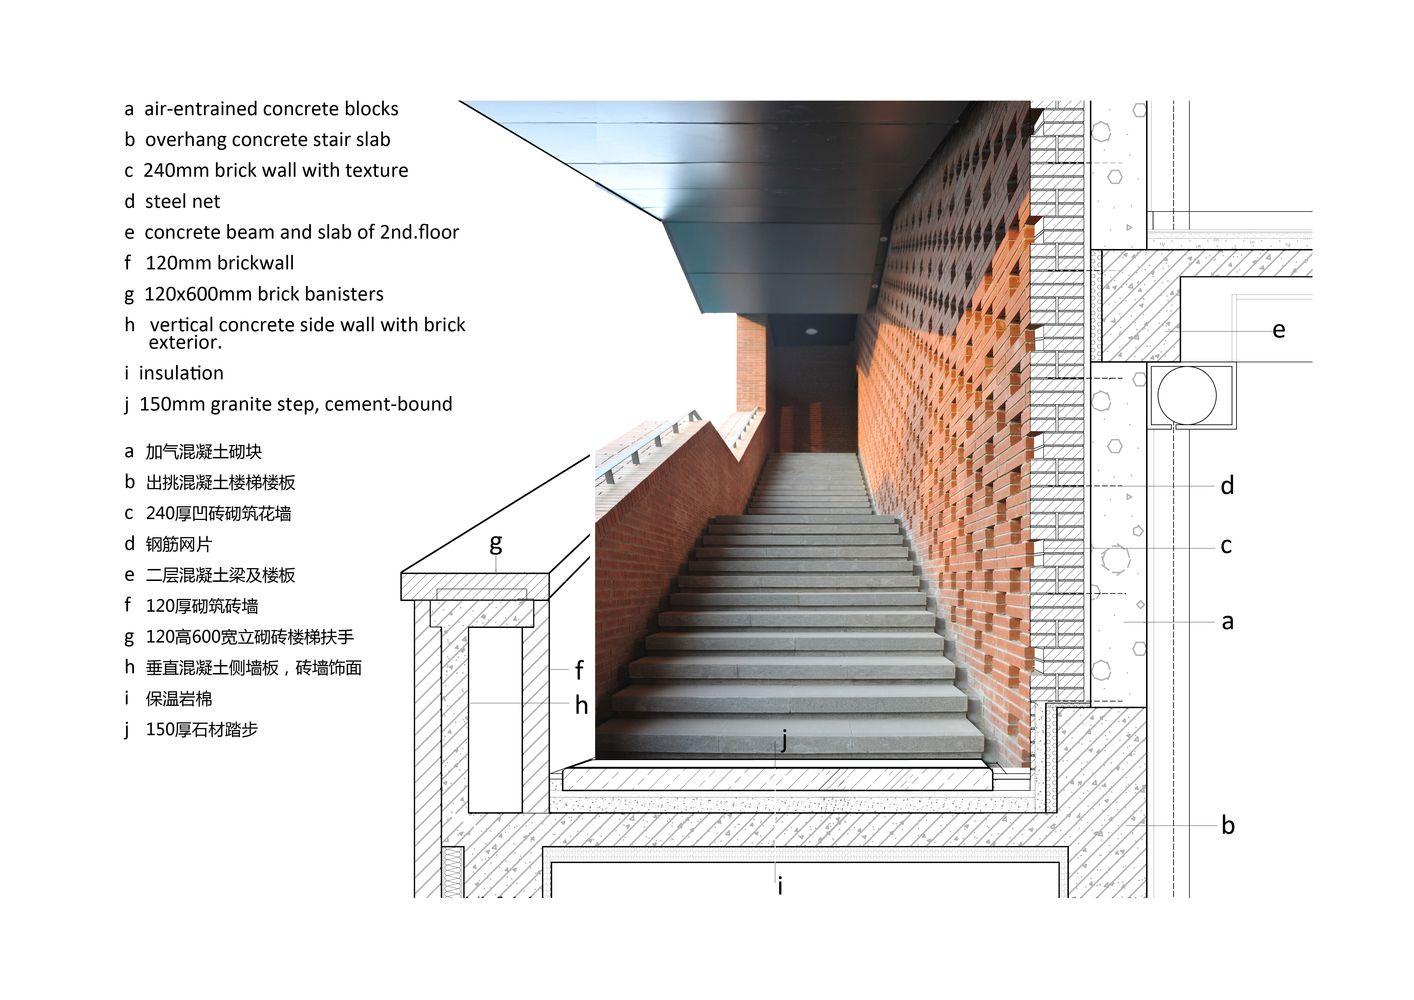 Gallery Of The Best Architecture Drawings Of 2016 82 Desenhos De Arquitetura Detalhes Da Arquitetura Melhor Arquitetura